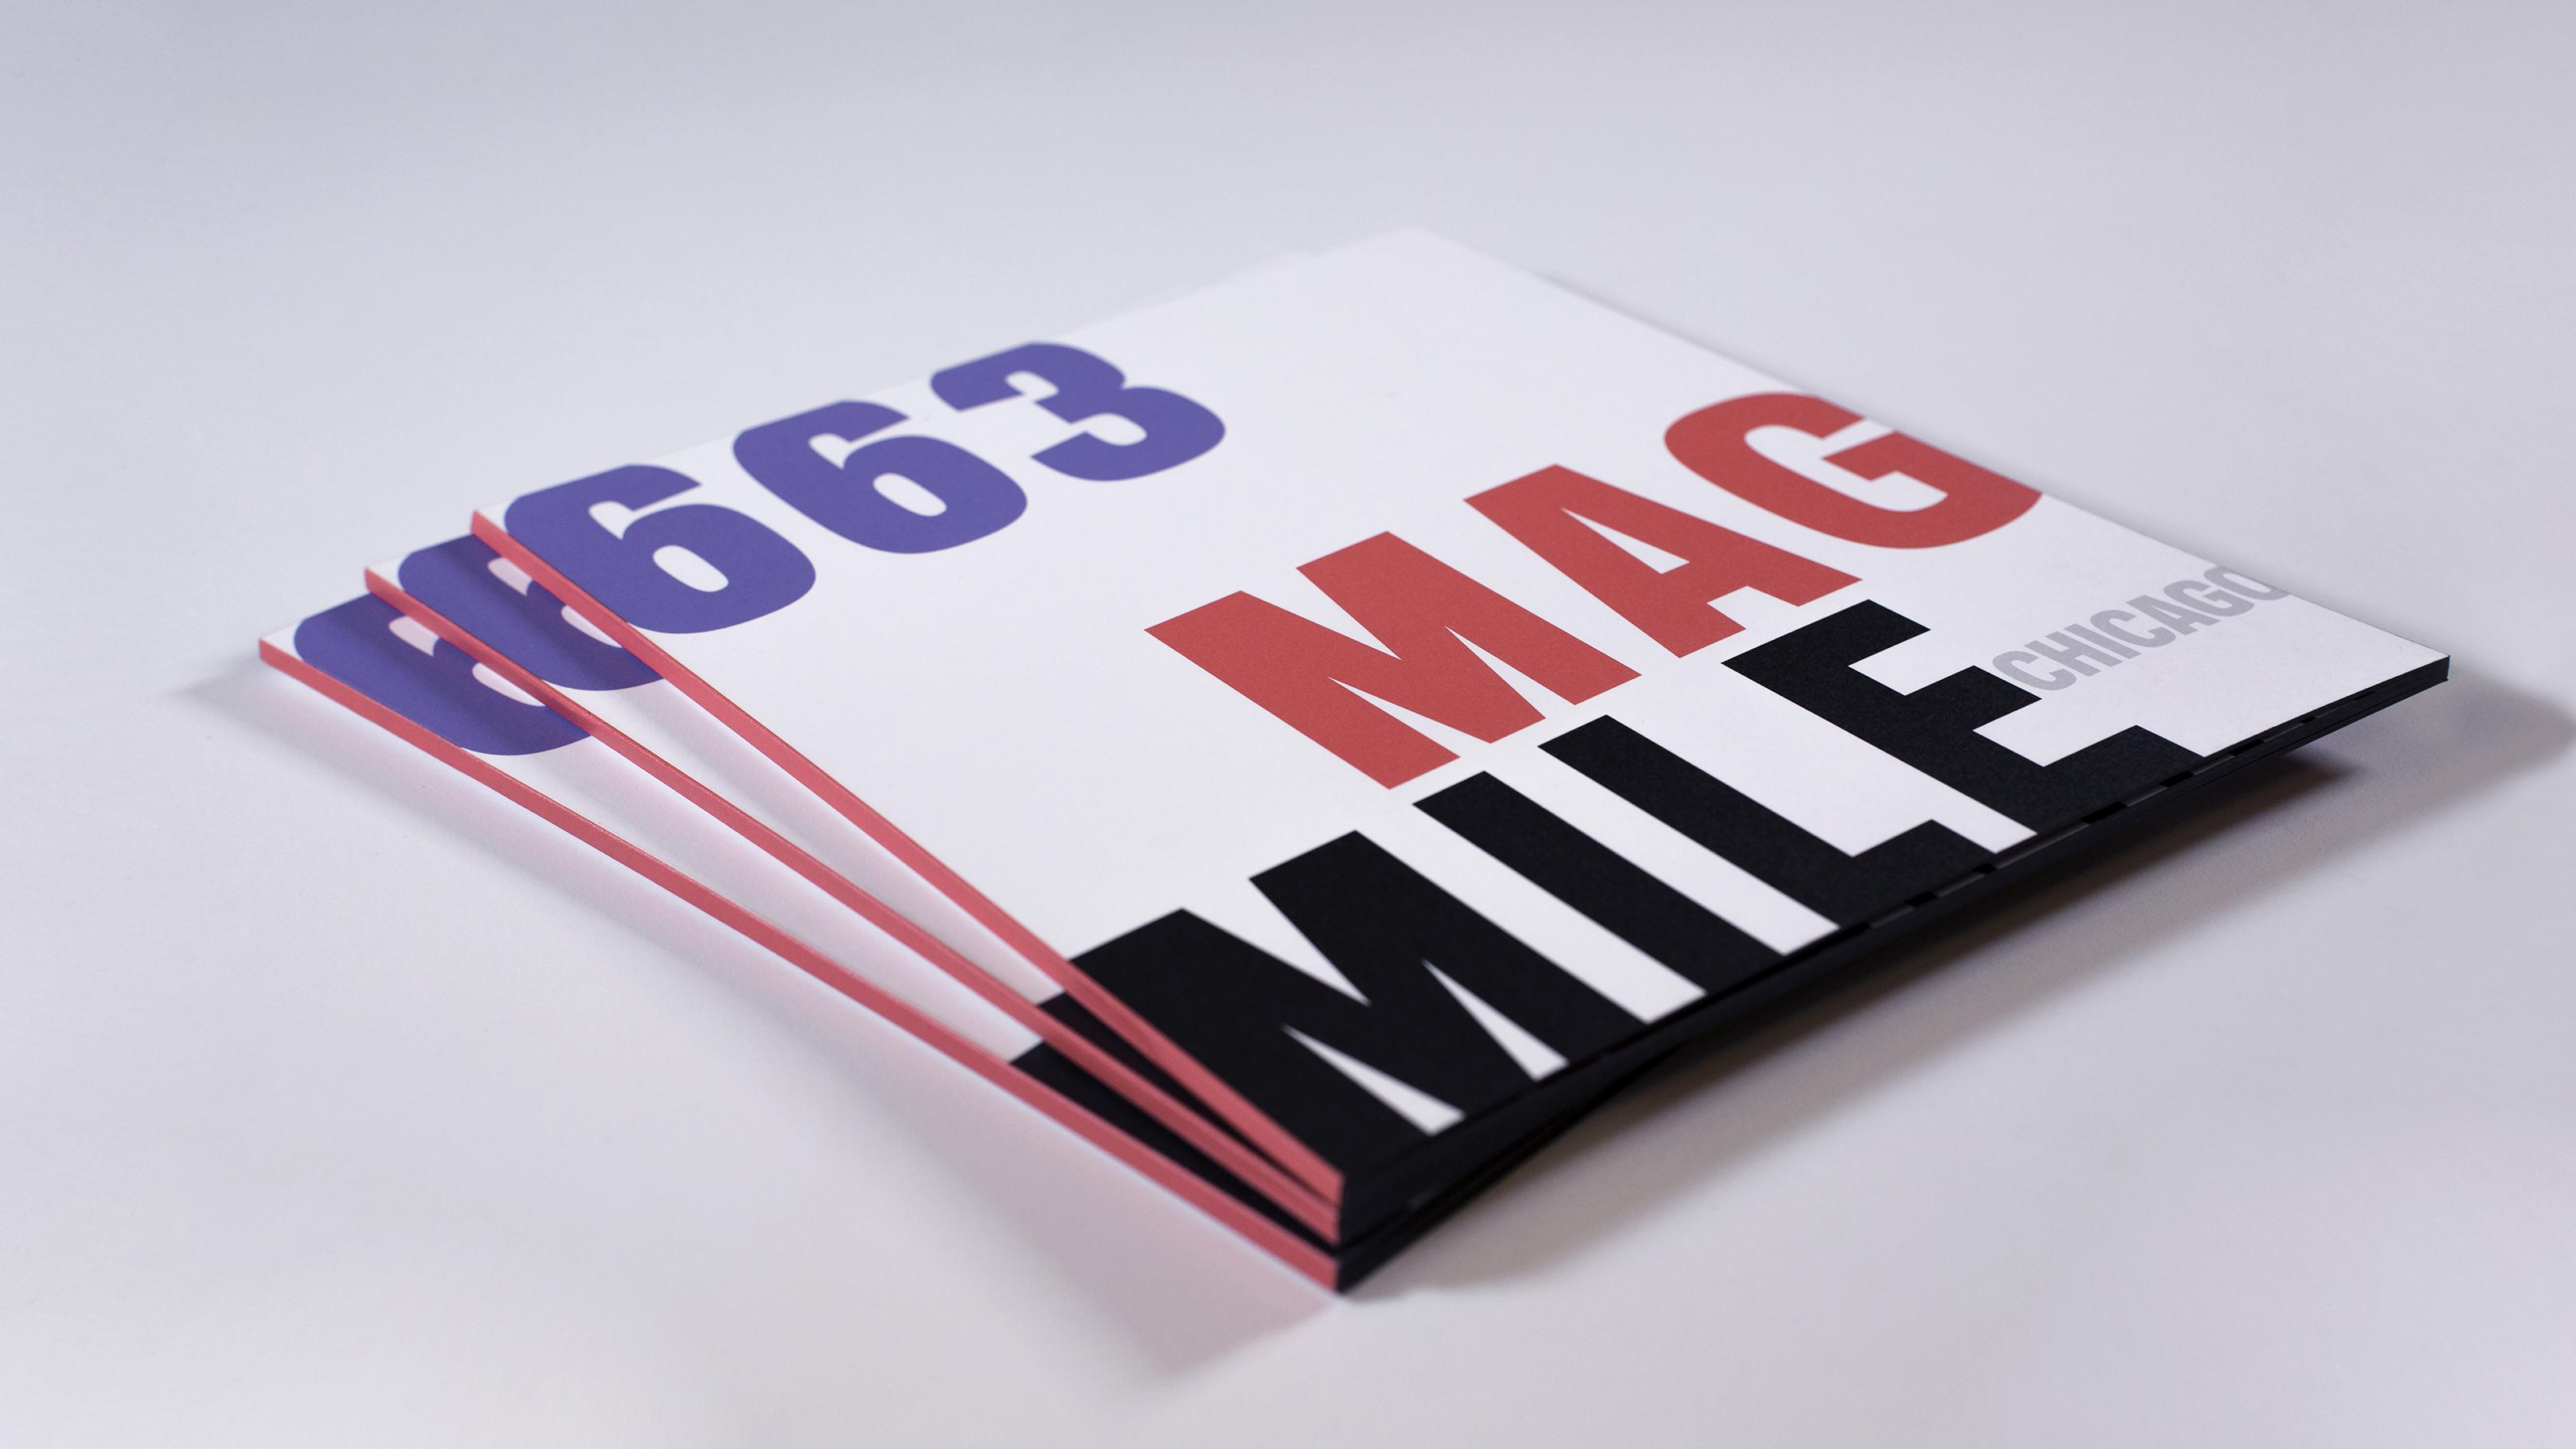 663 Mag Mile